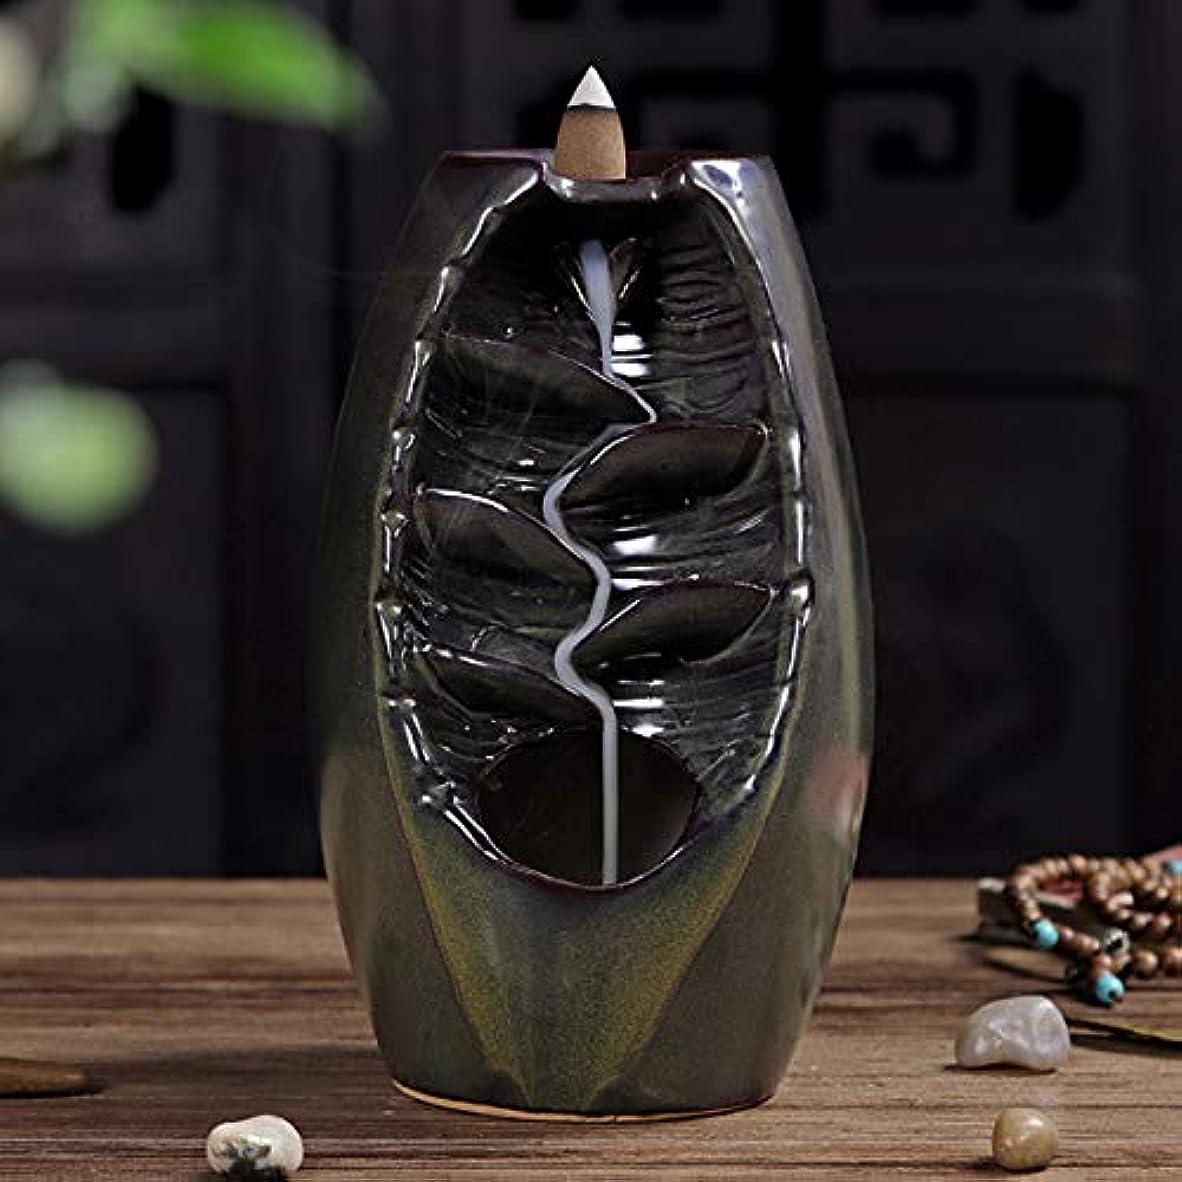 案件制裁進行中Vosarea 逆流香バーナー滝香ホルダーアロマ飾り仏教用品(茶)